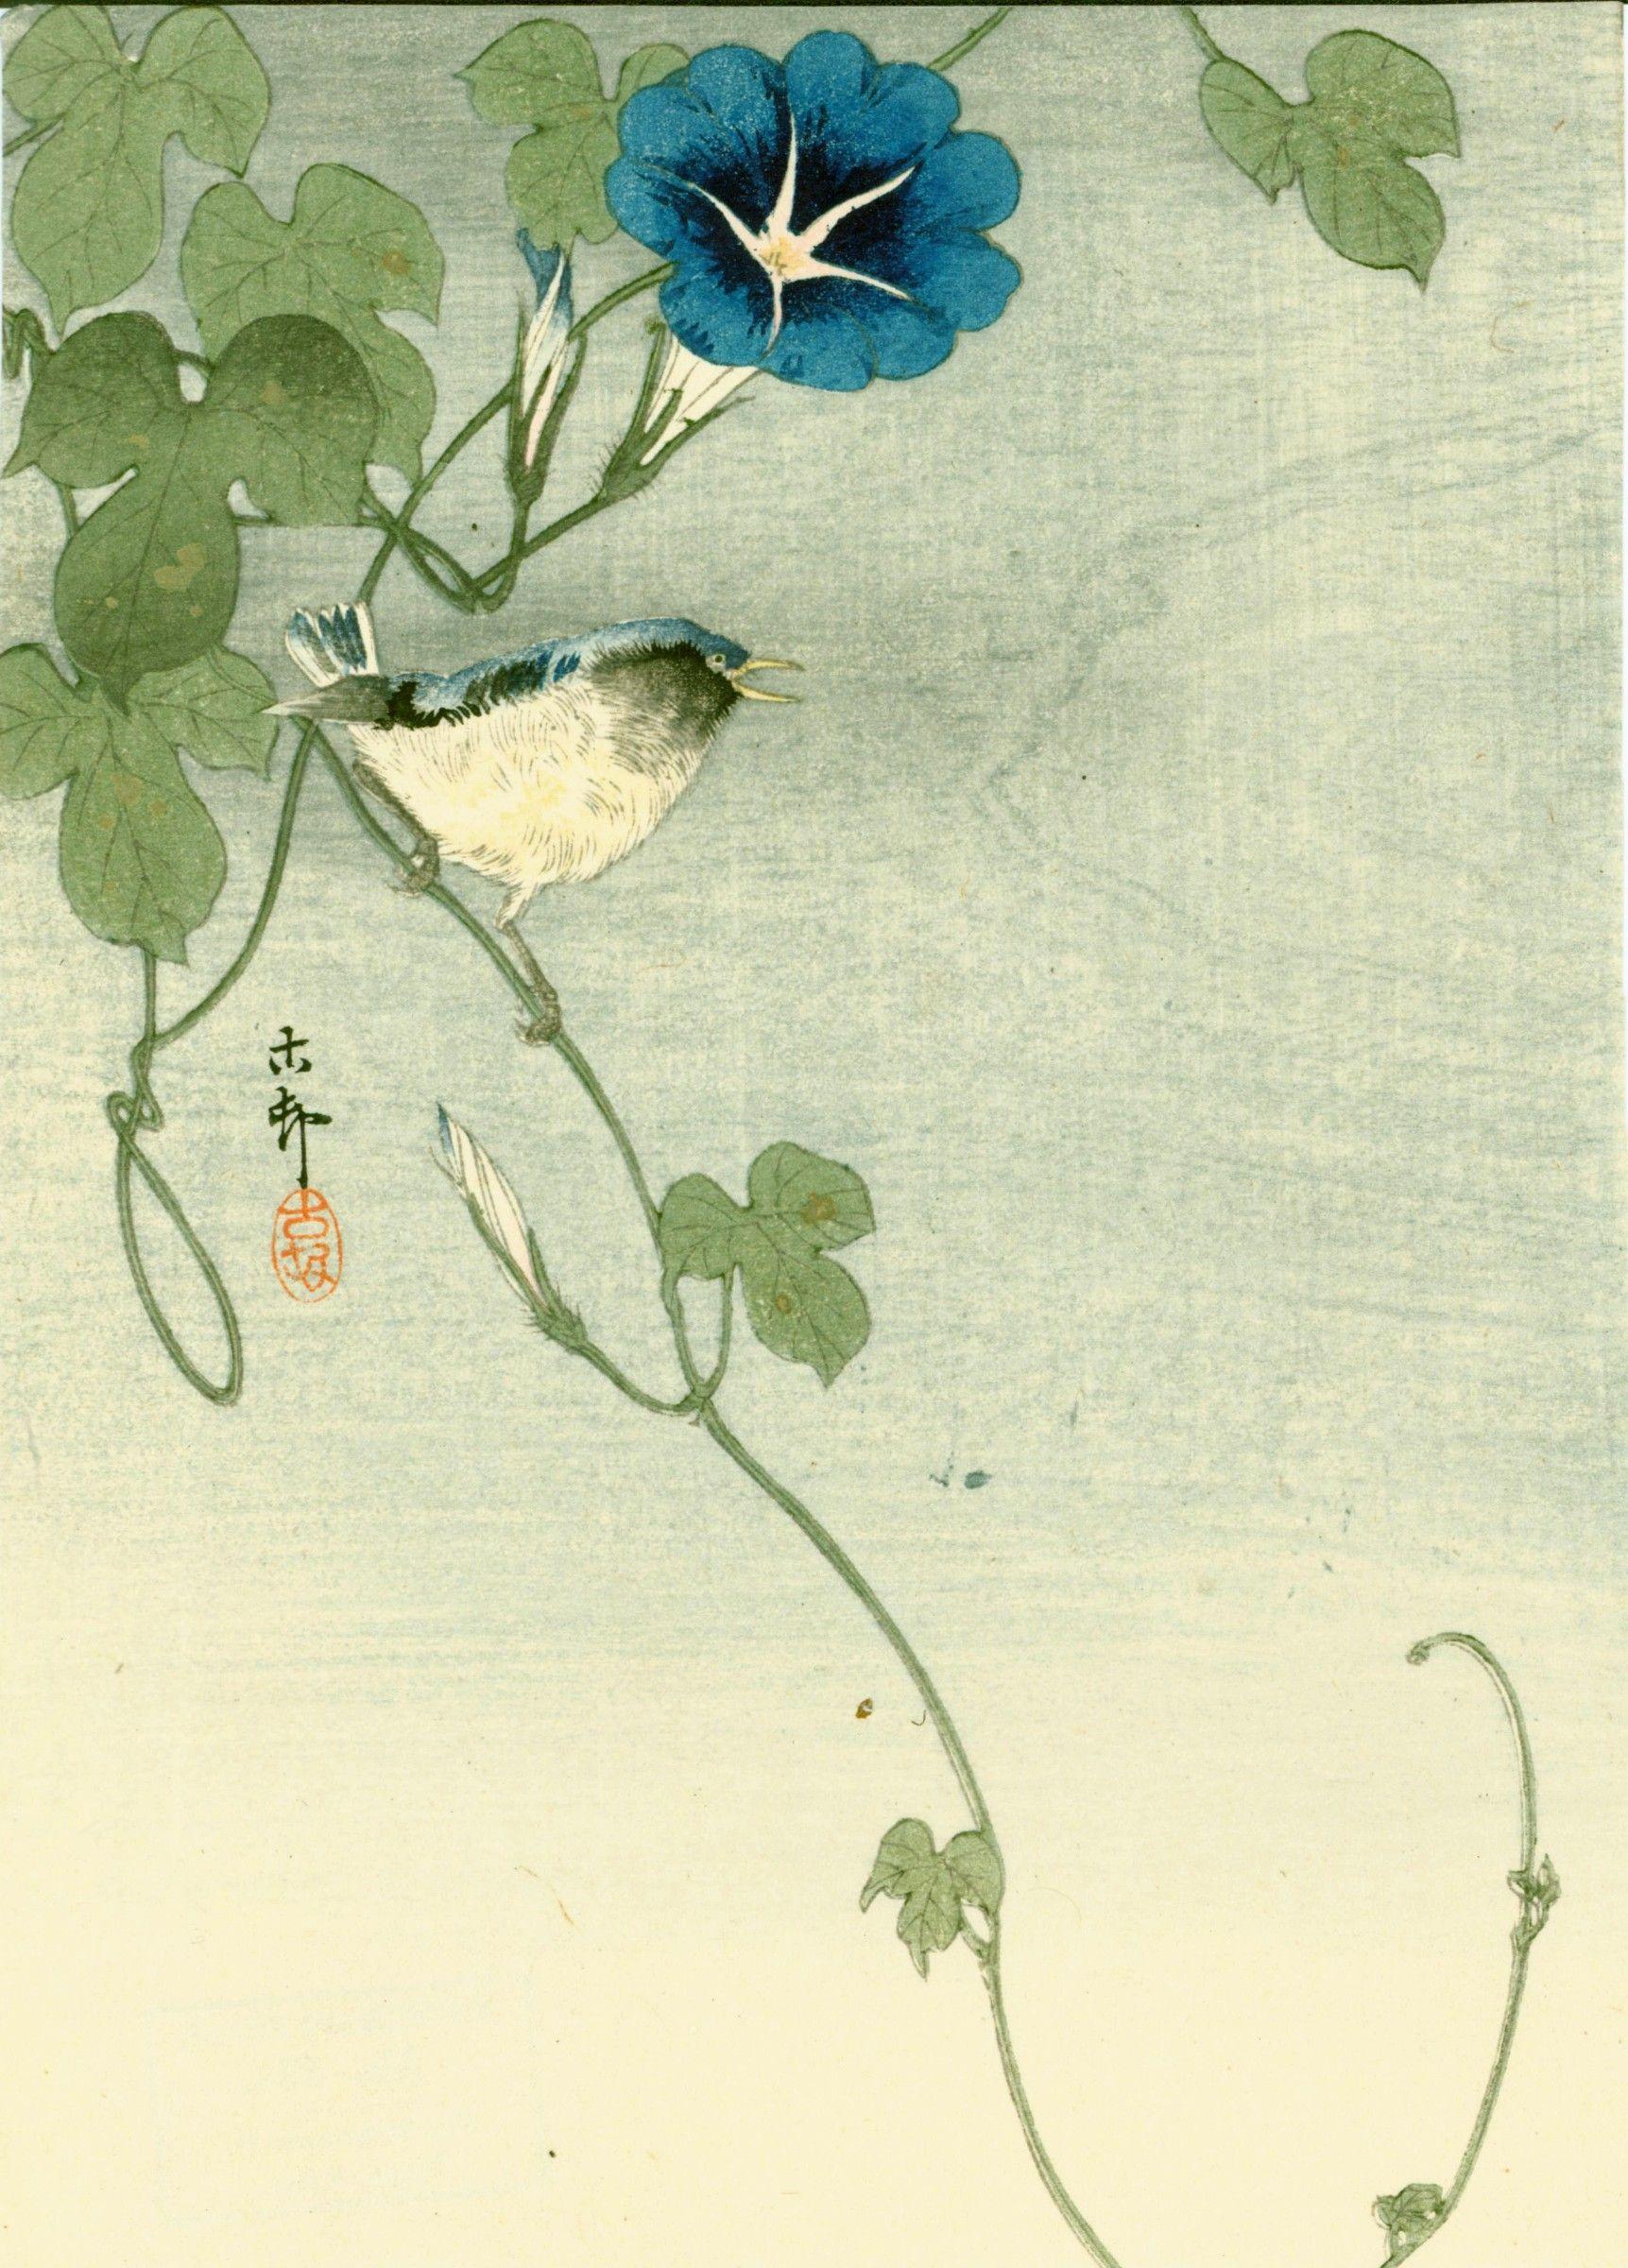 Ohara Koson Woodblock Print  - Bird and Morning Glory 1910 SOLD